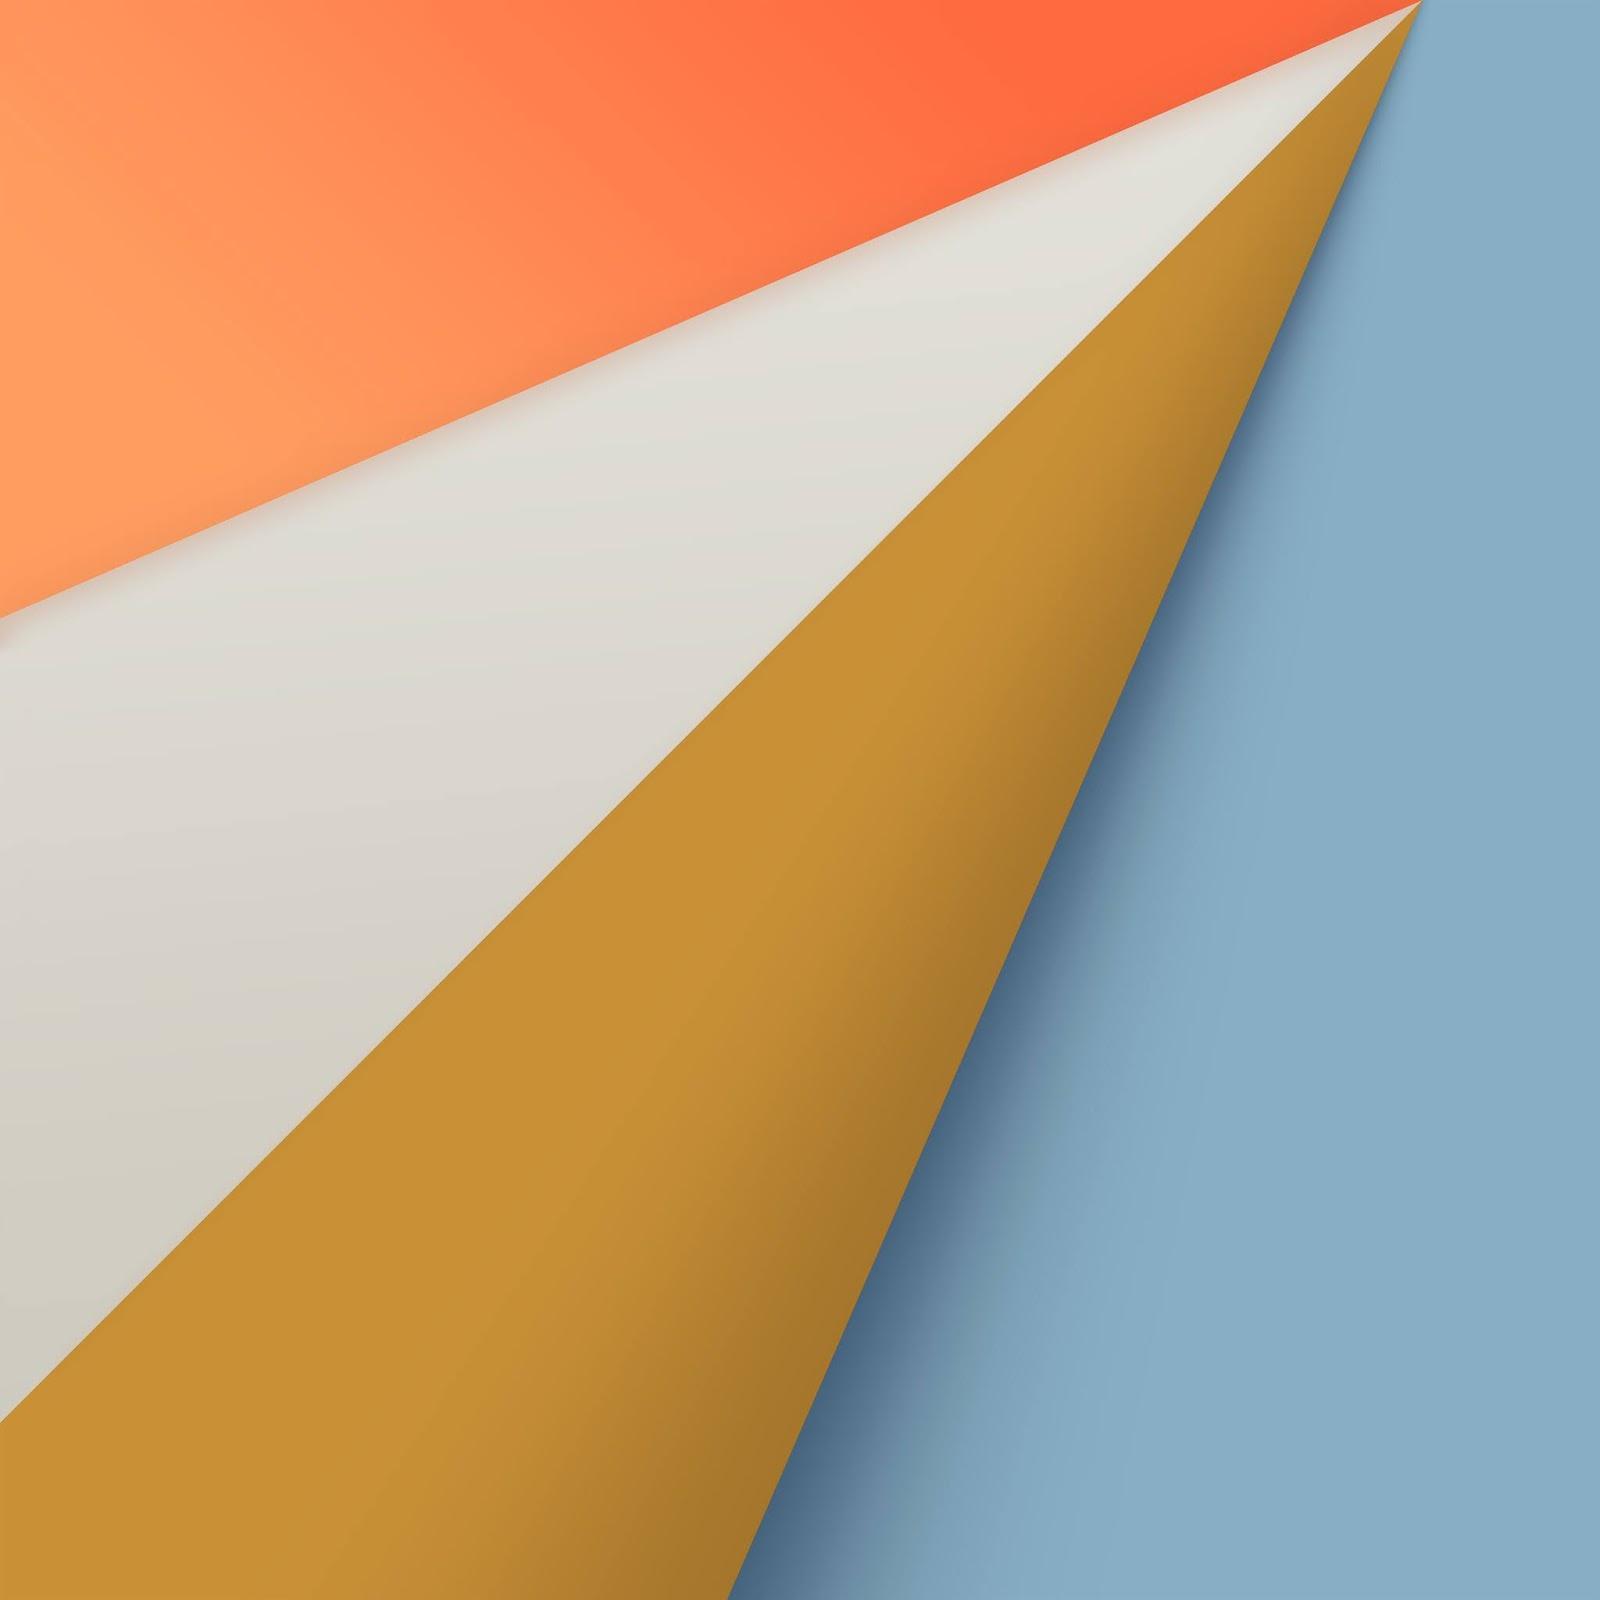 mac-os-big-sur-wallpaper-orange-white